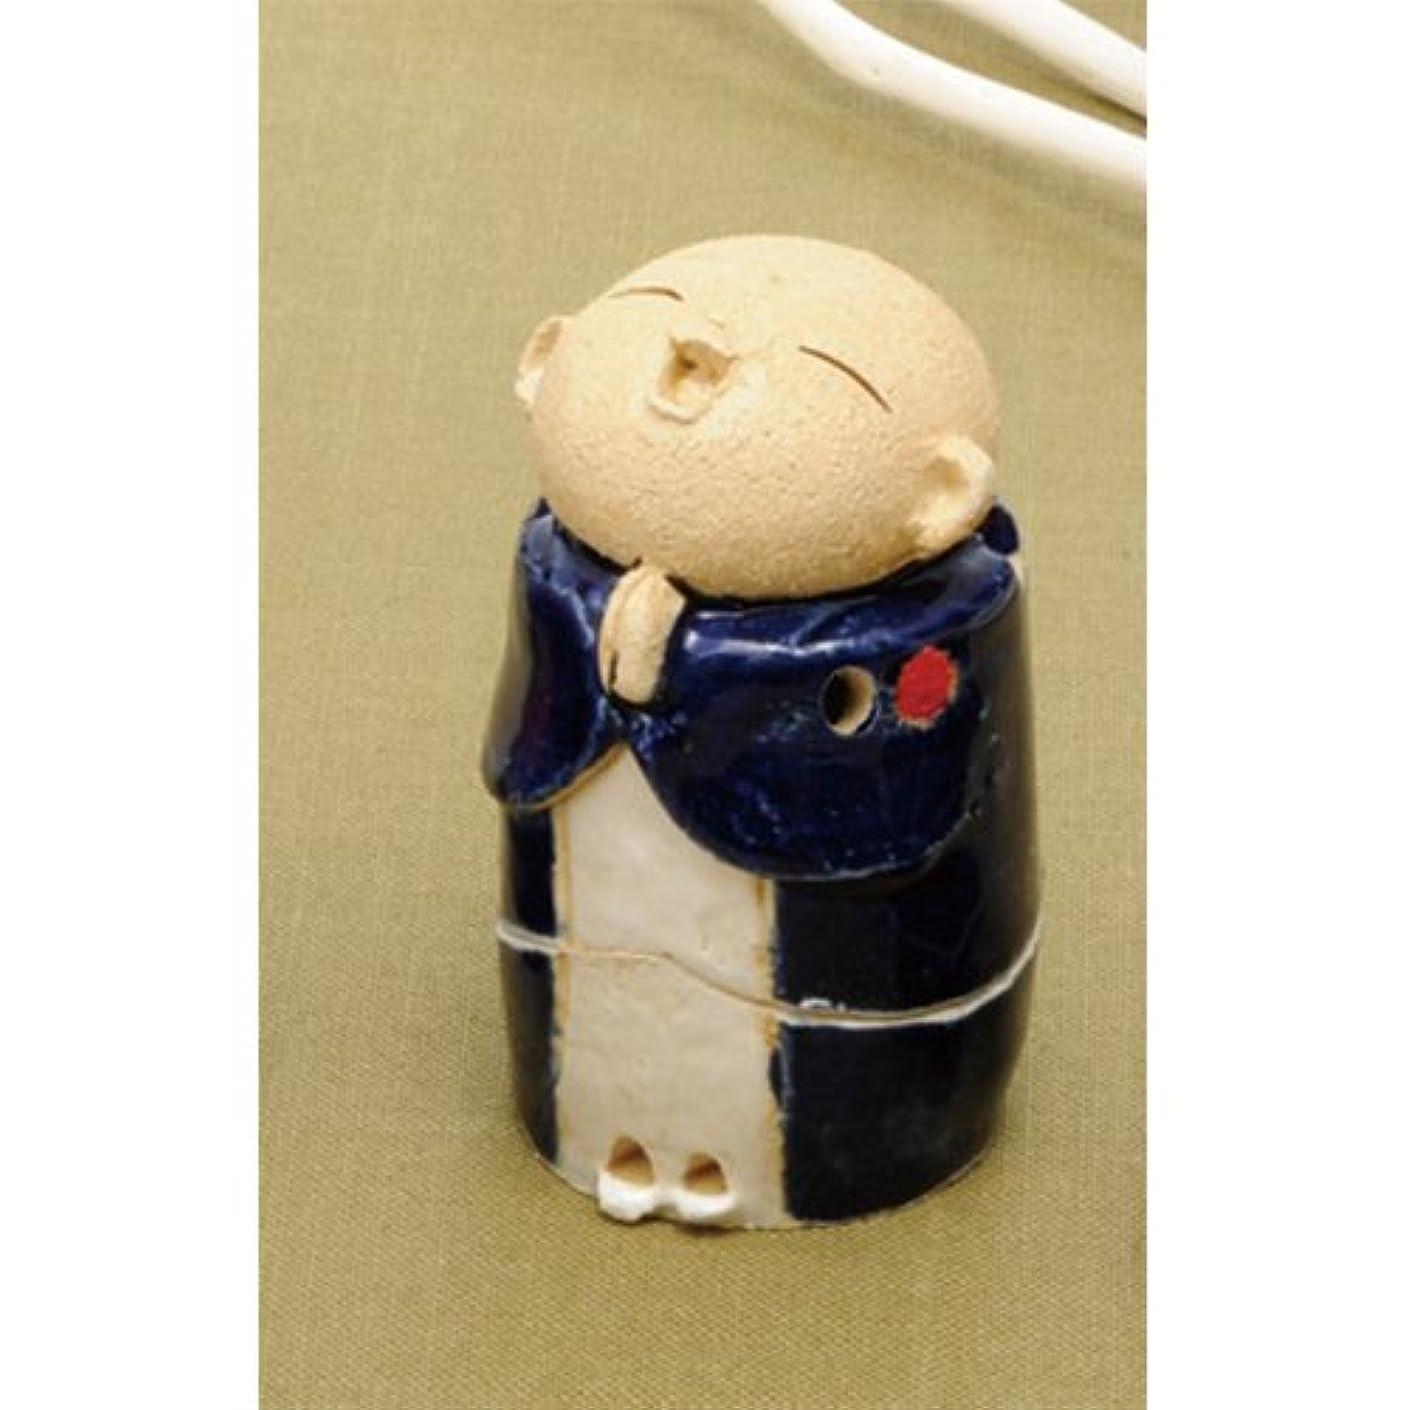 交換可能勤勉ハングお地蔵様 香炉シリーズ 青 お地蔵様 香炉 2.8寸 [H8.5cm] HANDMADE プレゼント ギフト 和食器 かわいい インテリア